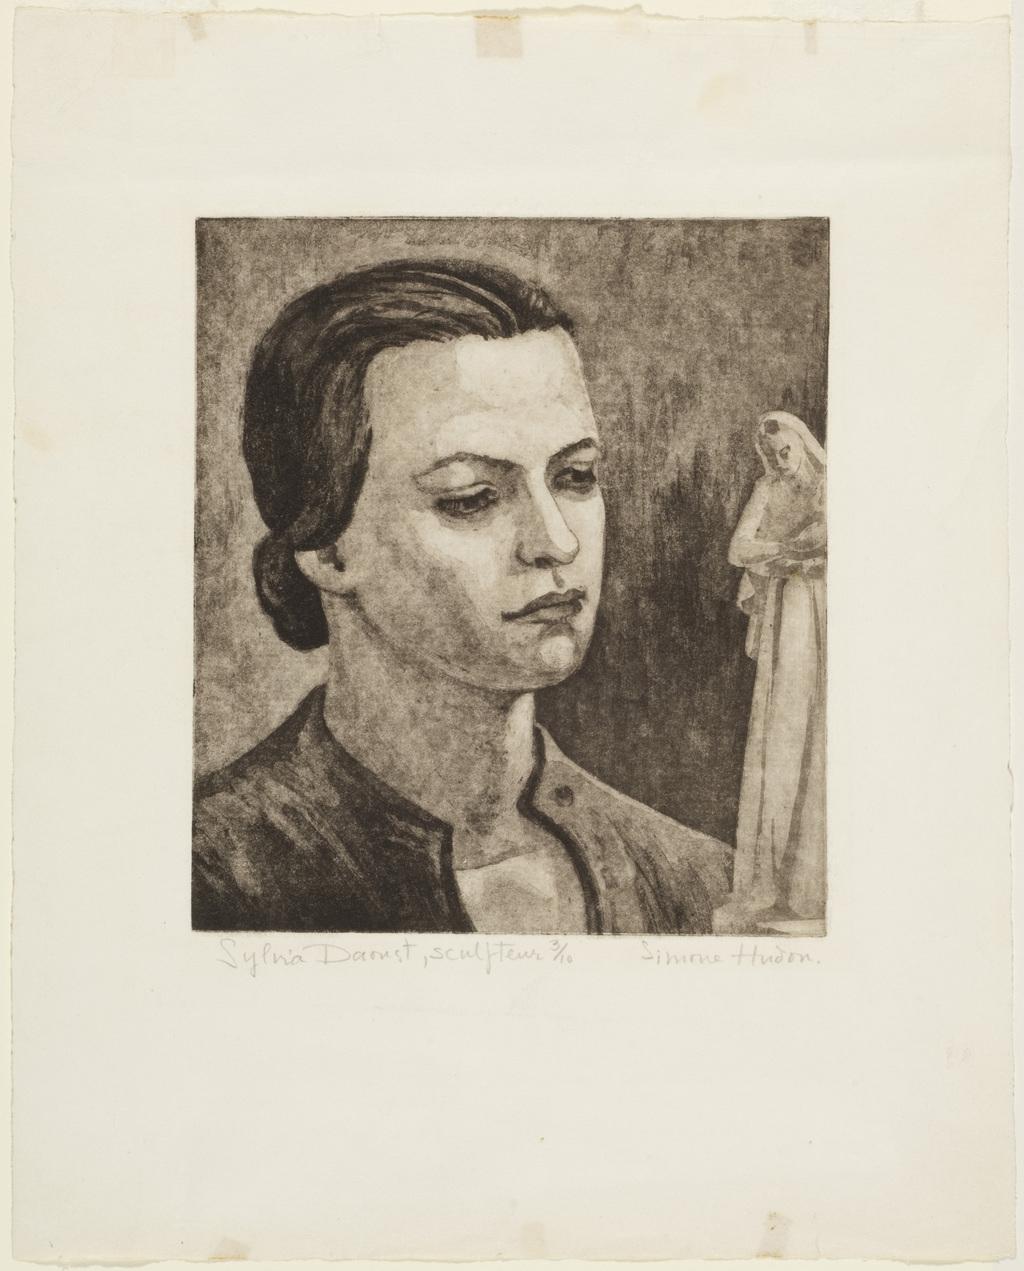 Sylvia Daoust, sculpteure